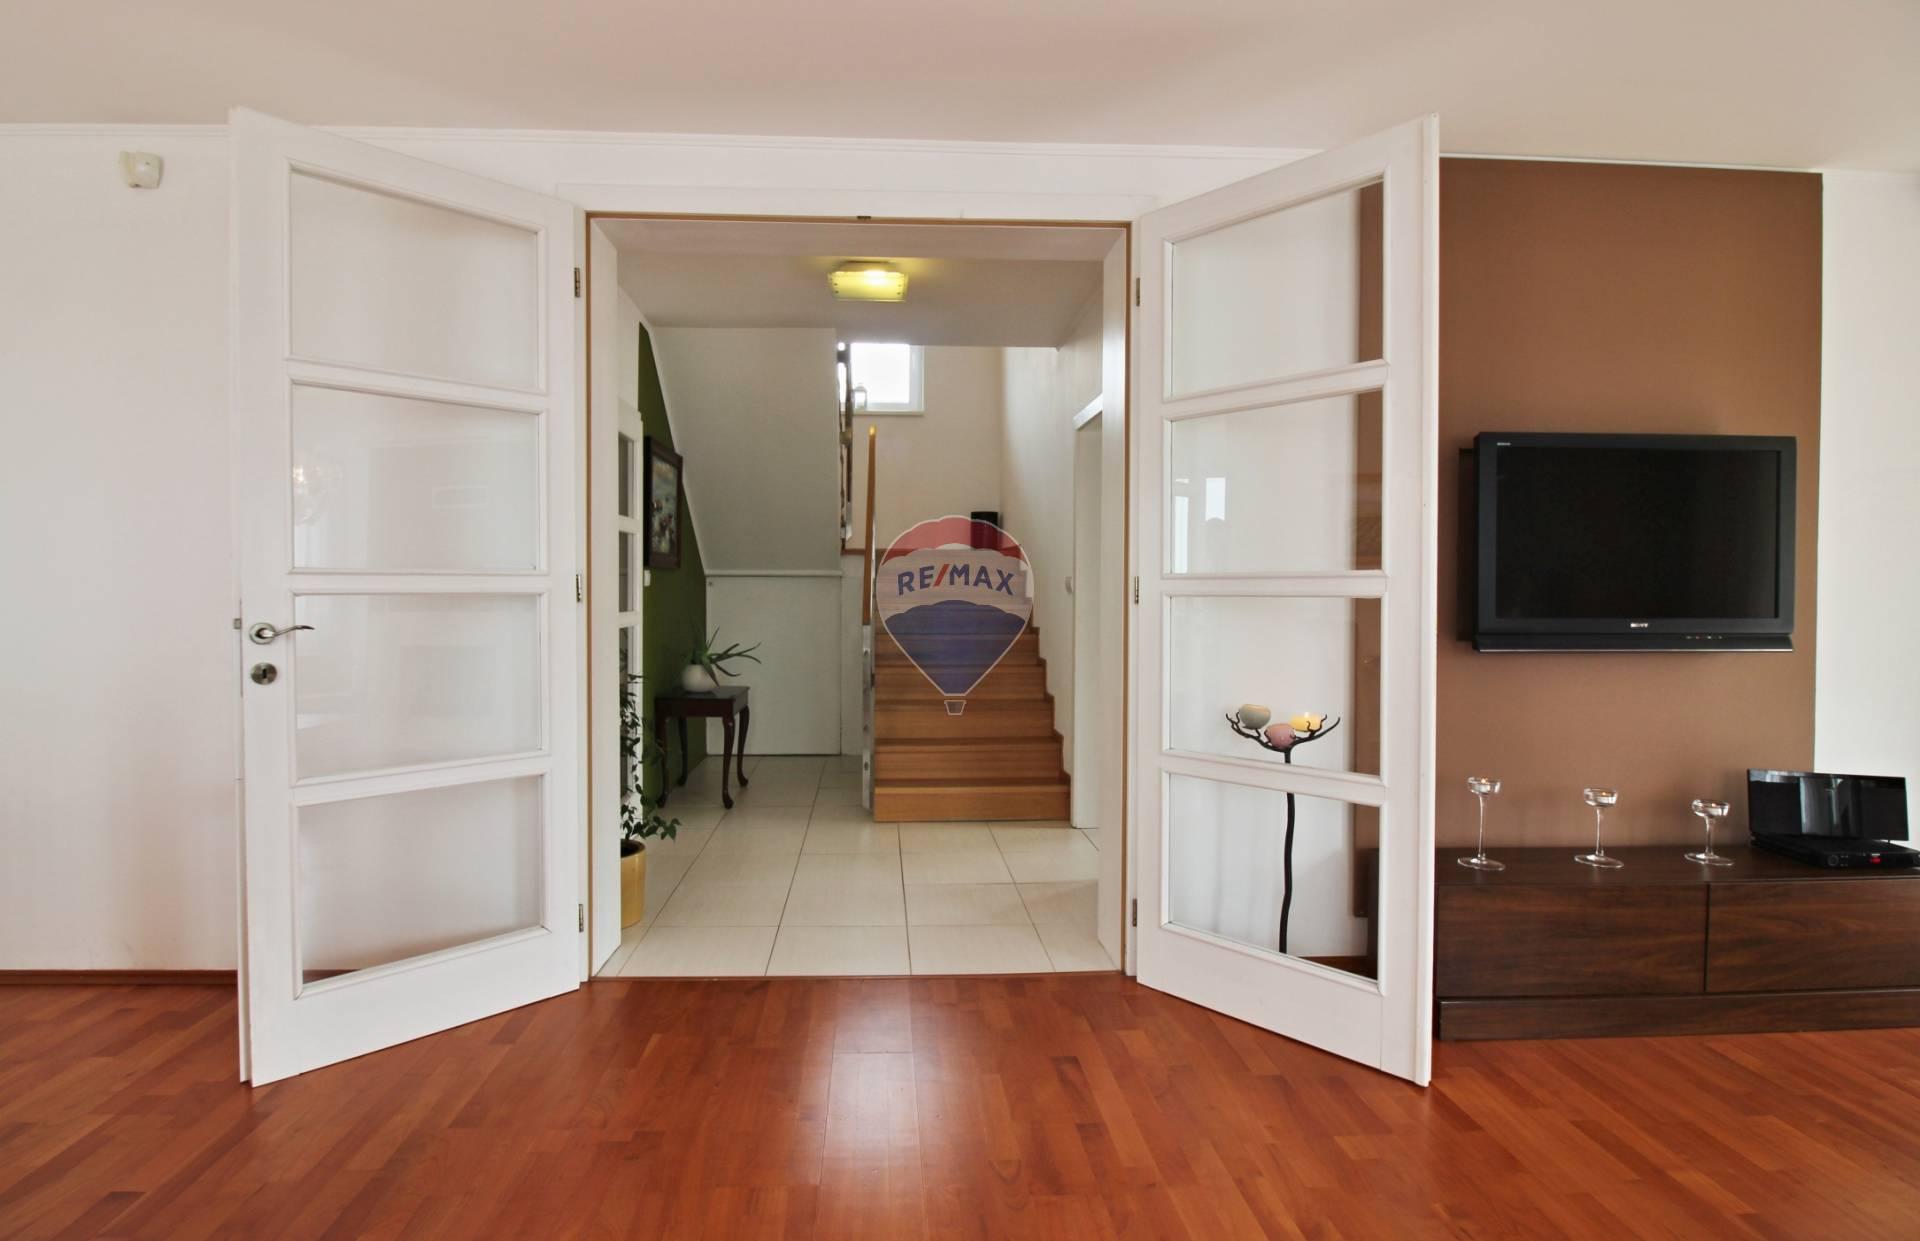 Predaj domu 159 m2, Nové Mesto nad Váhom - vstup do dennej časti